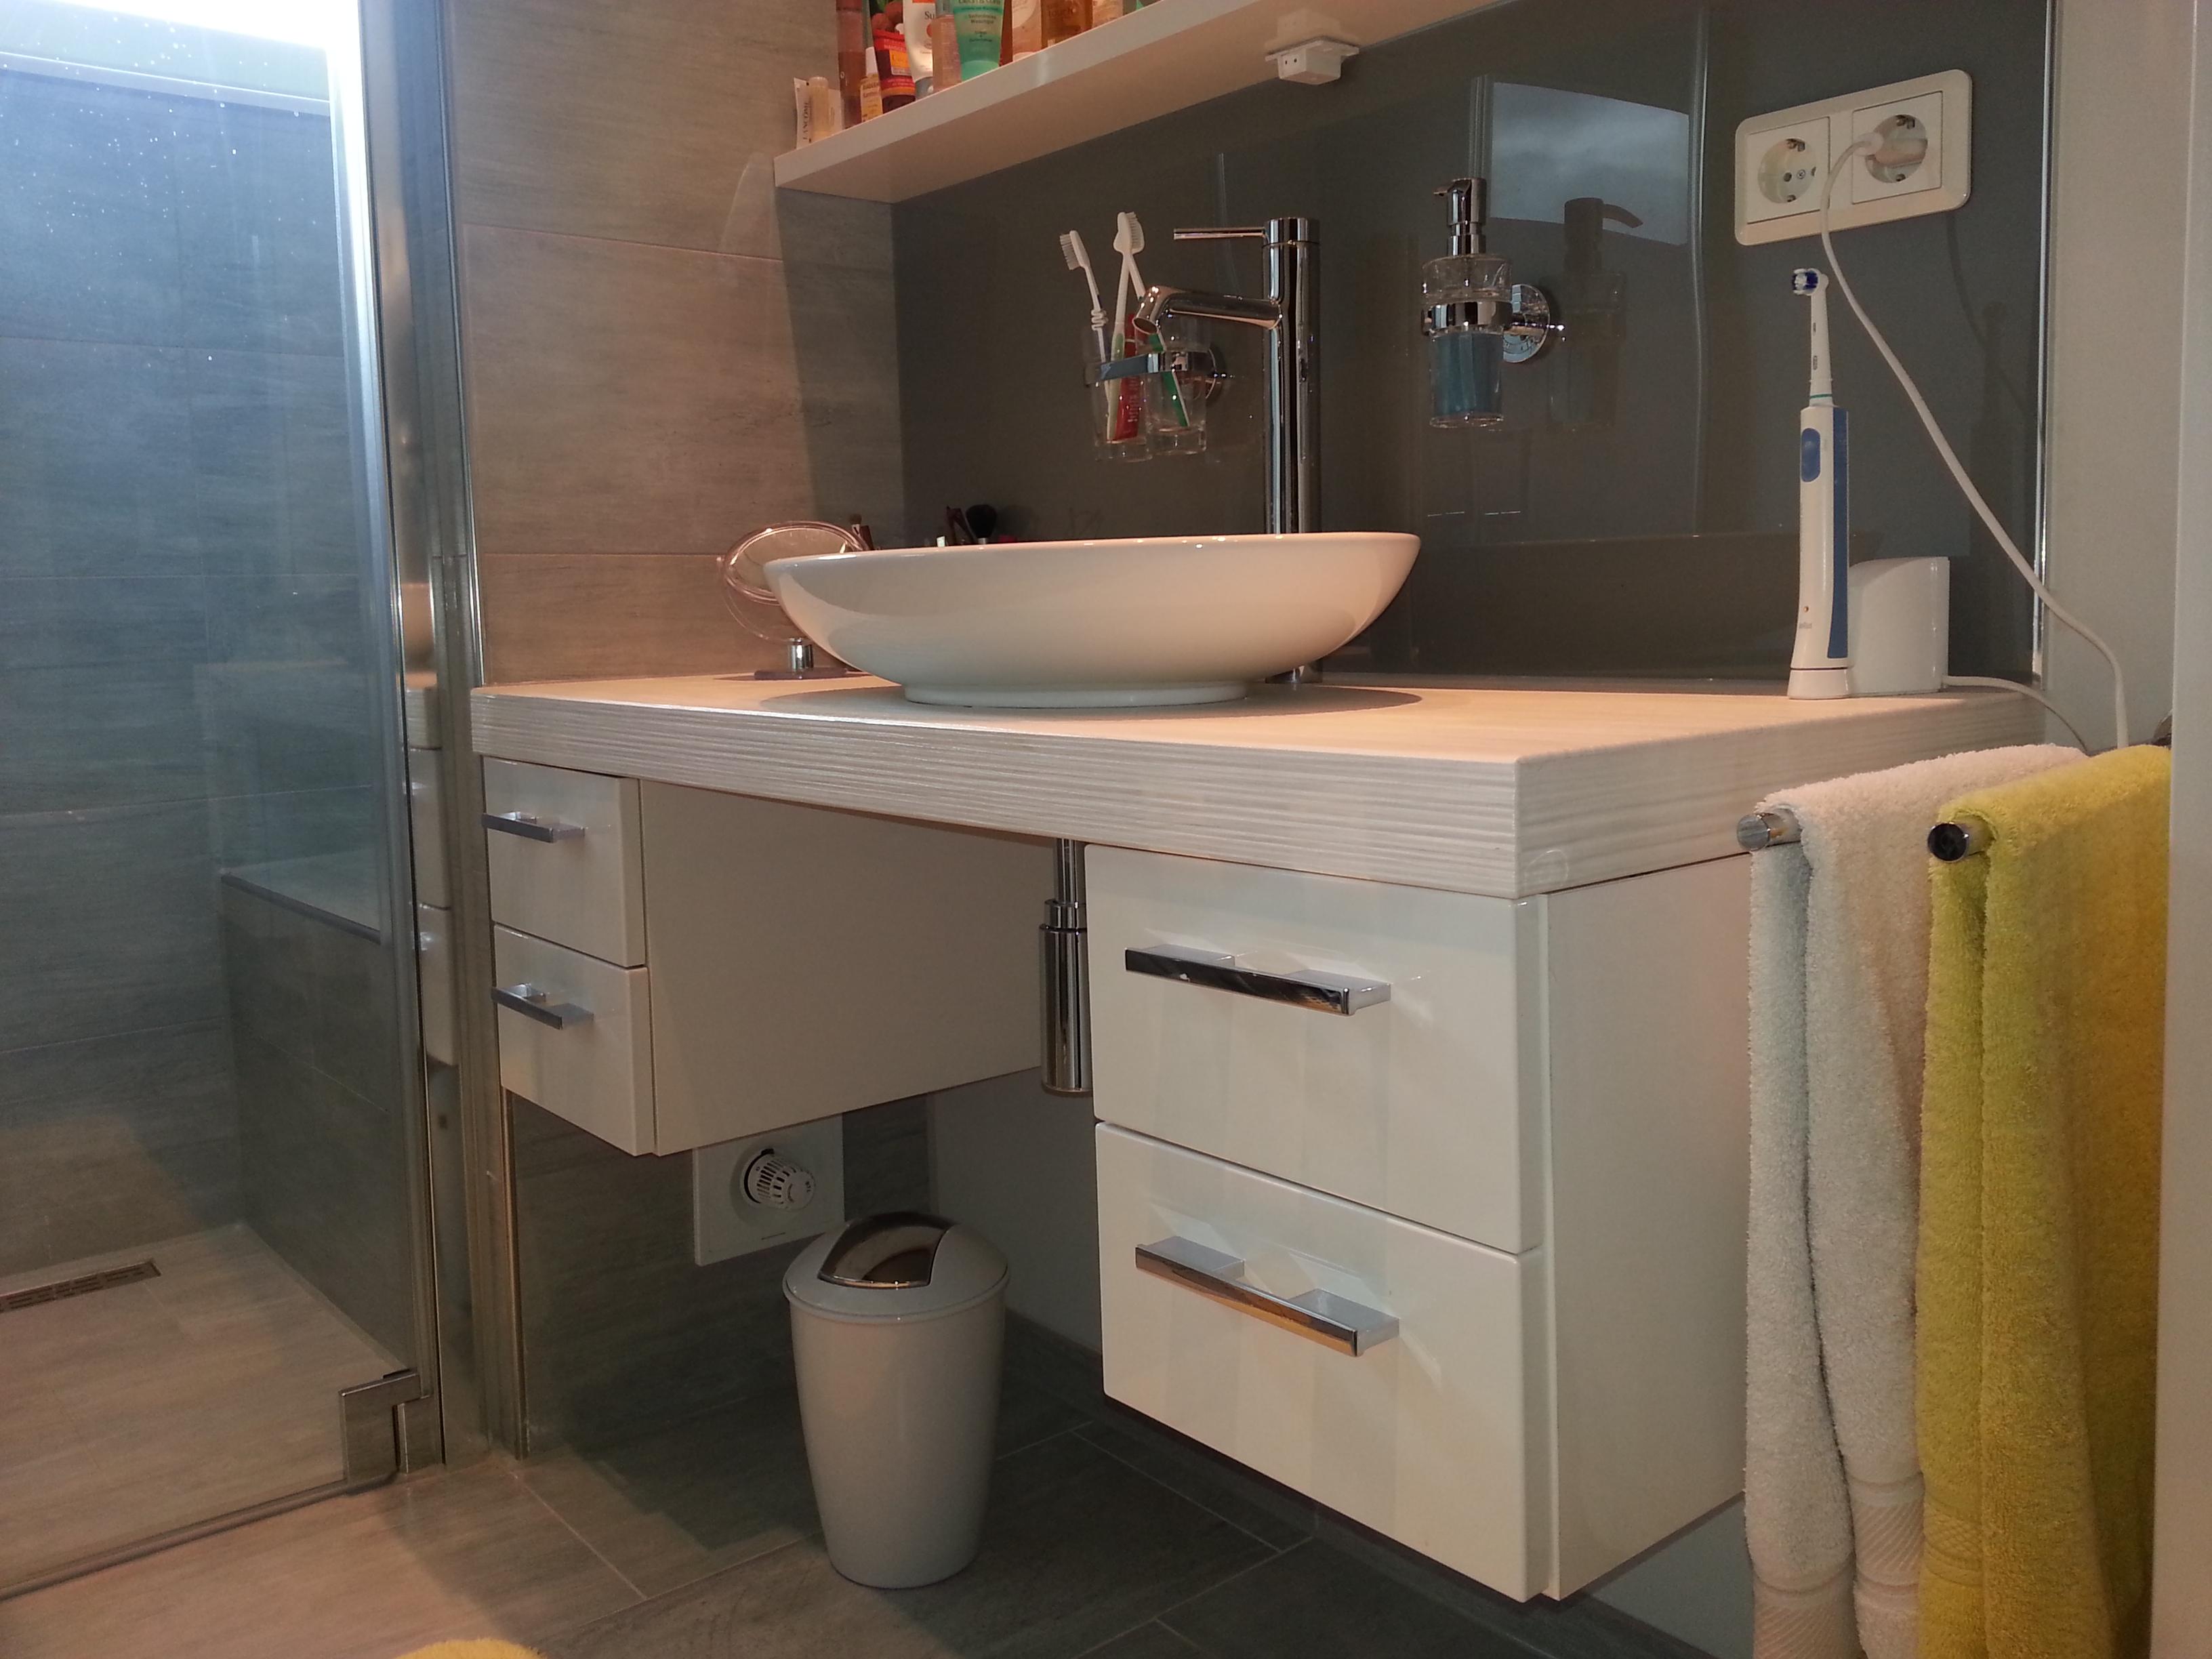 Gerd Nolte Heizung Sanitar Badezimmer Glas Duschkabine Mit Sockel